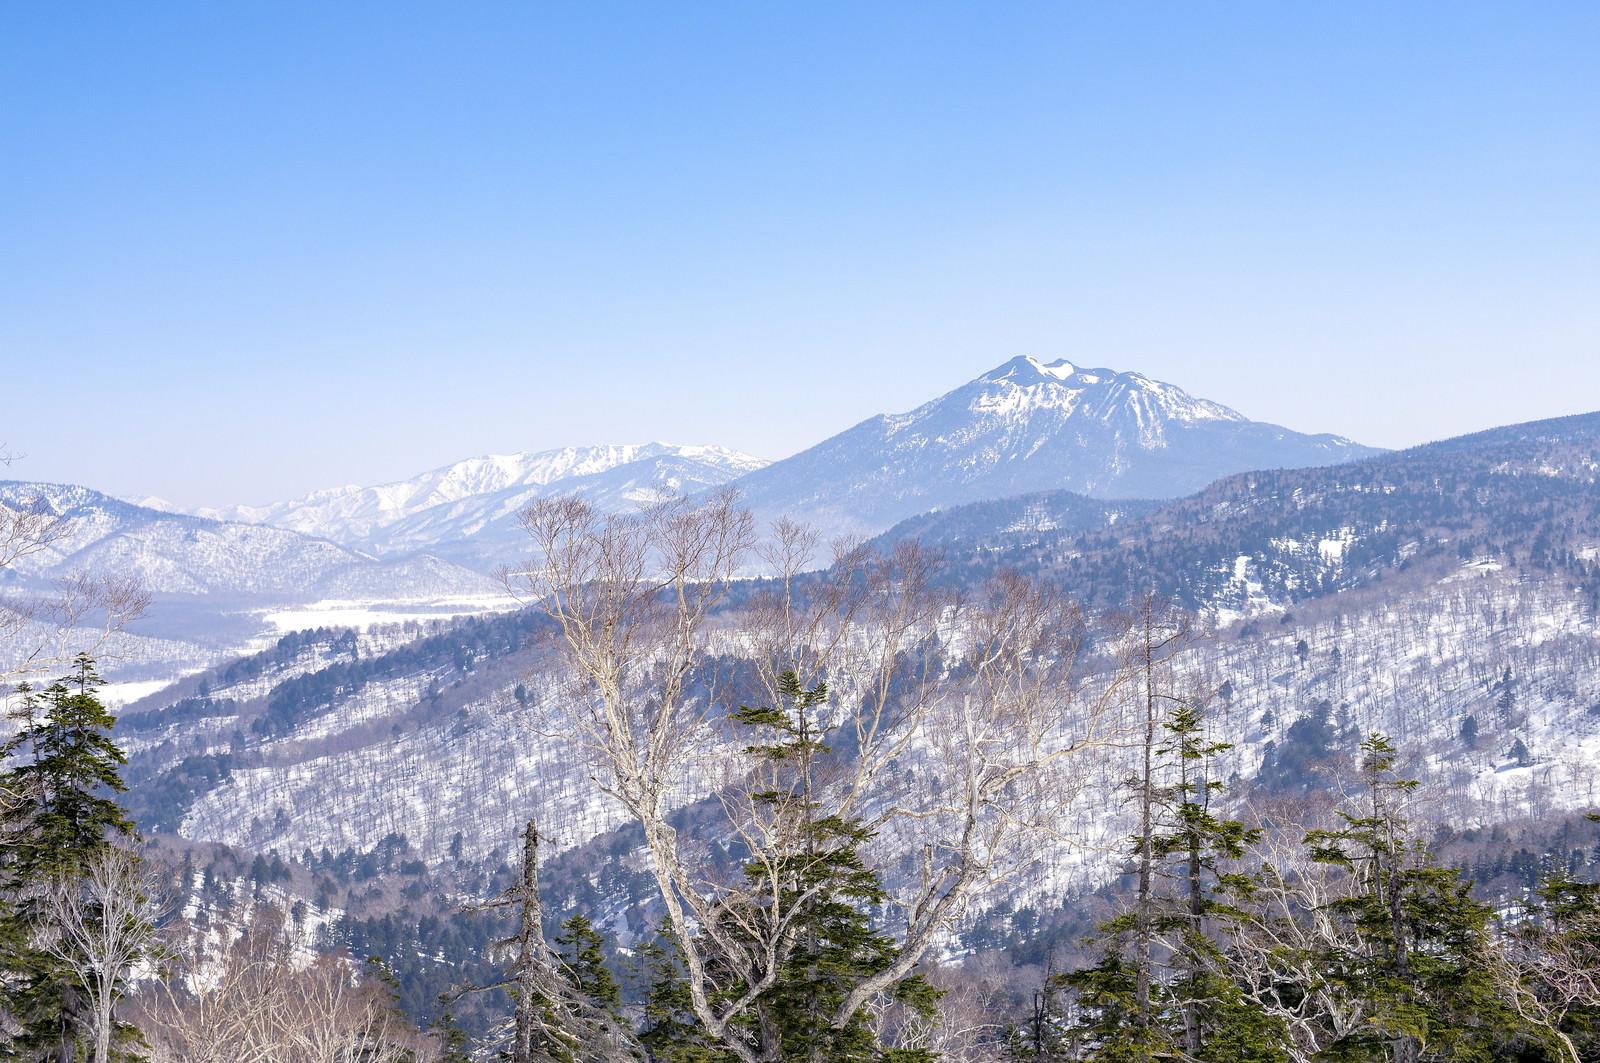 「至仏山方面から見る4月の燧ヶ岳(ひうちがたけ)」の写真